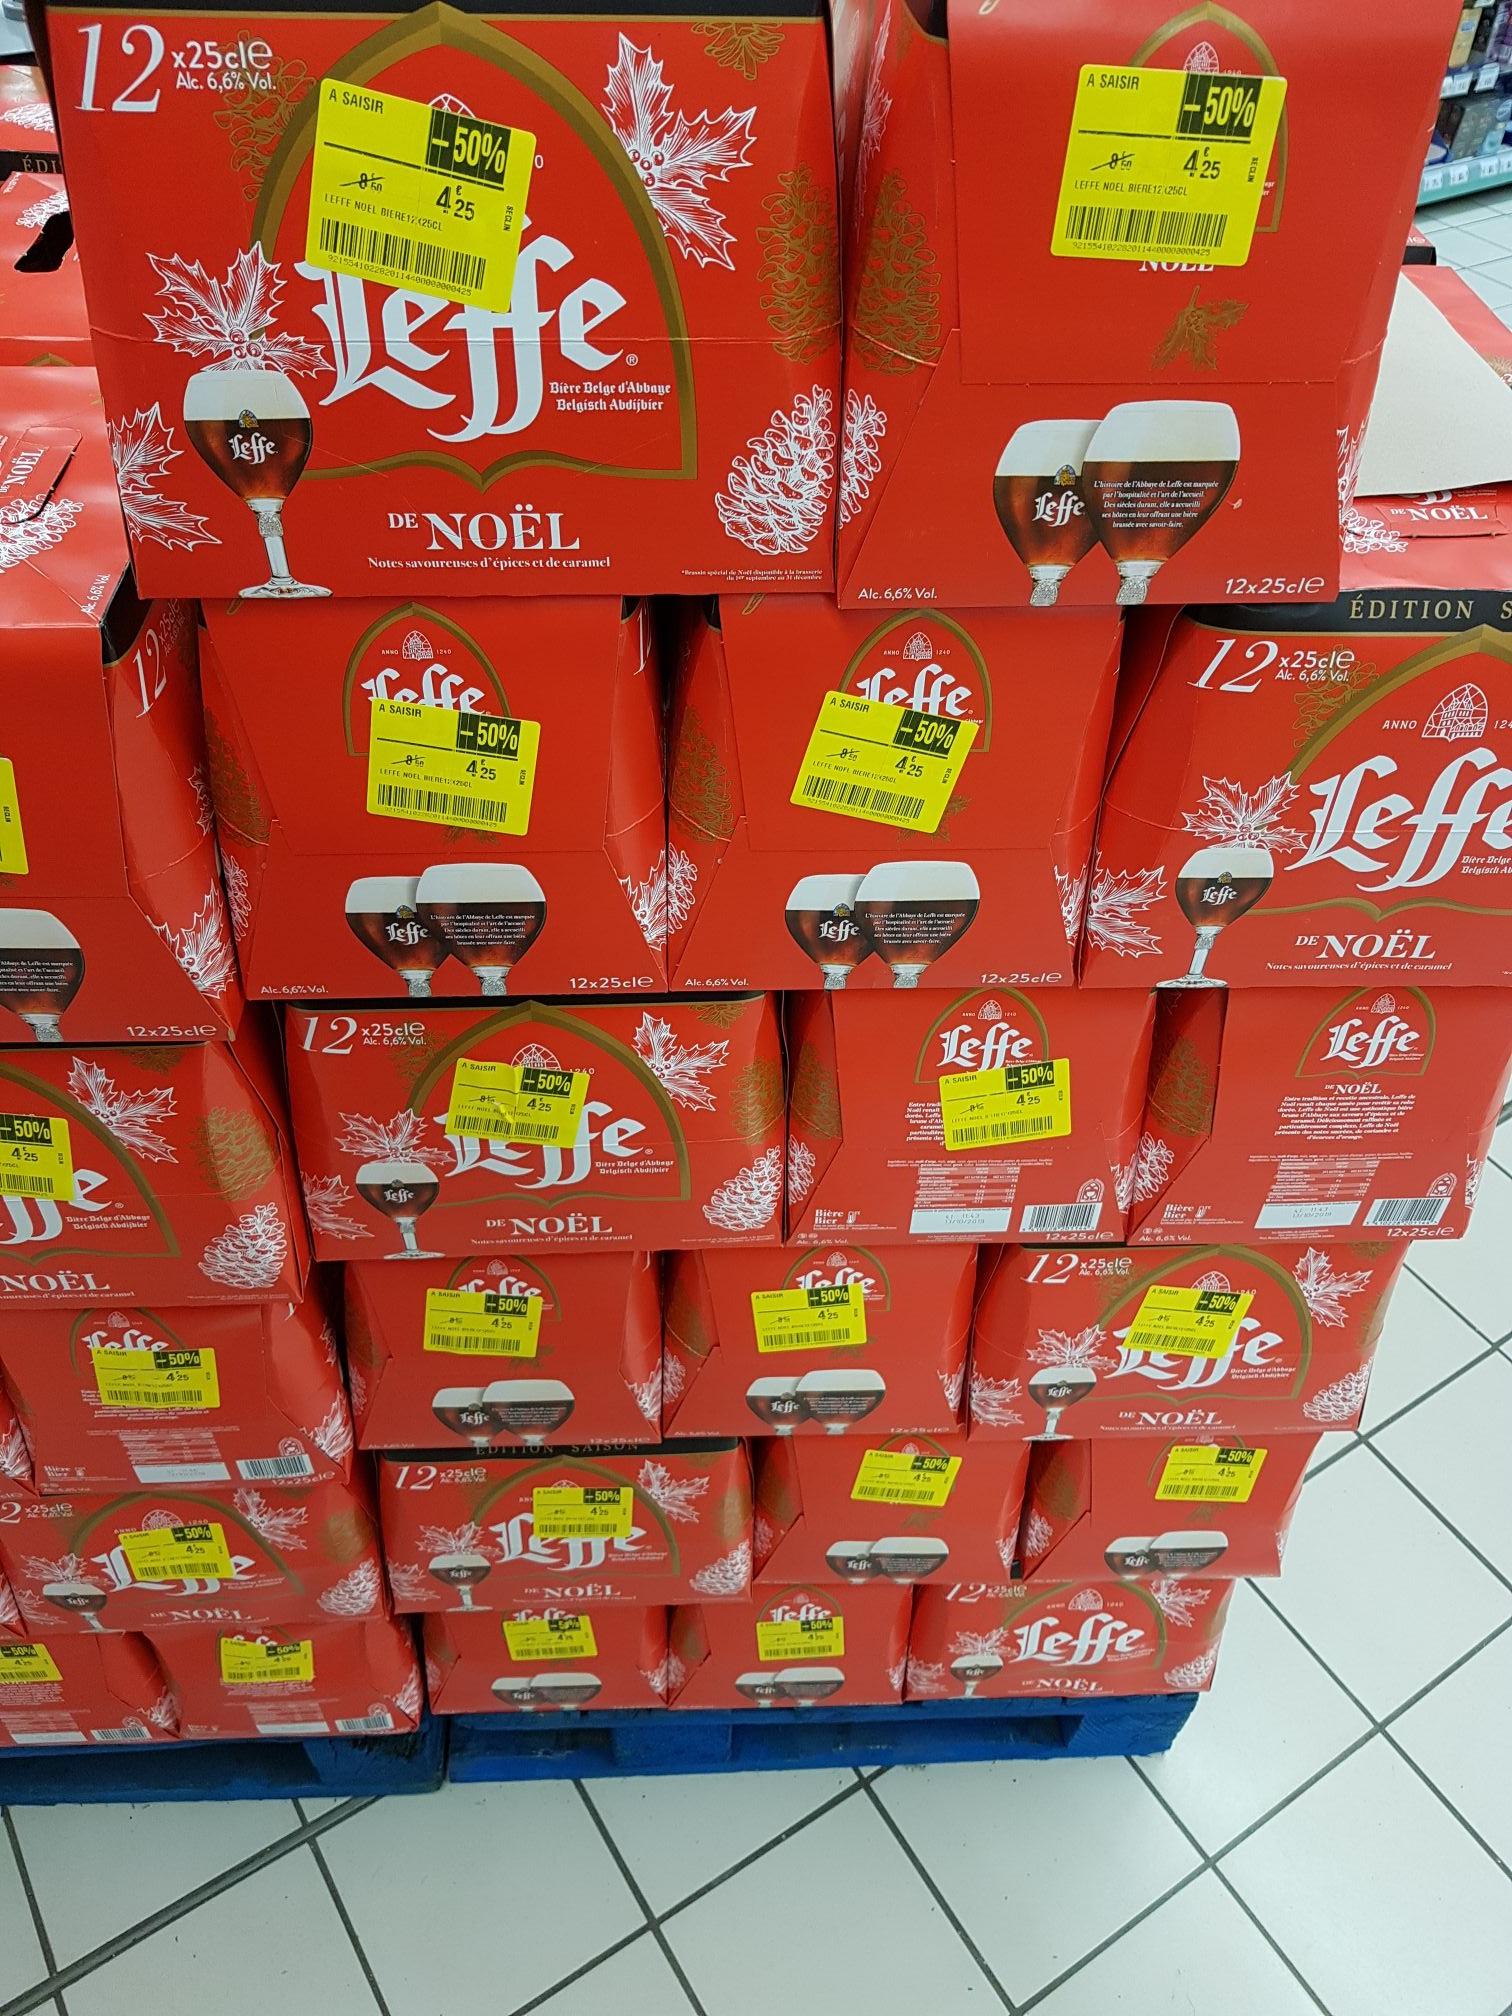 Pack de 12 bières de Leffe de noël - 12 x 25cl (Seclin - 59)